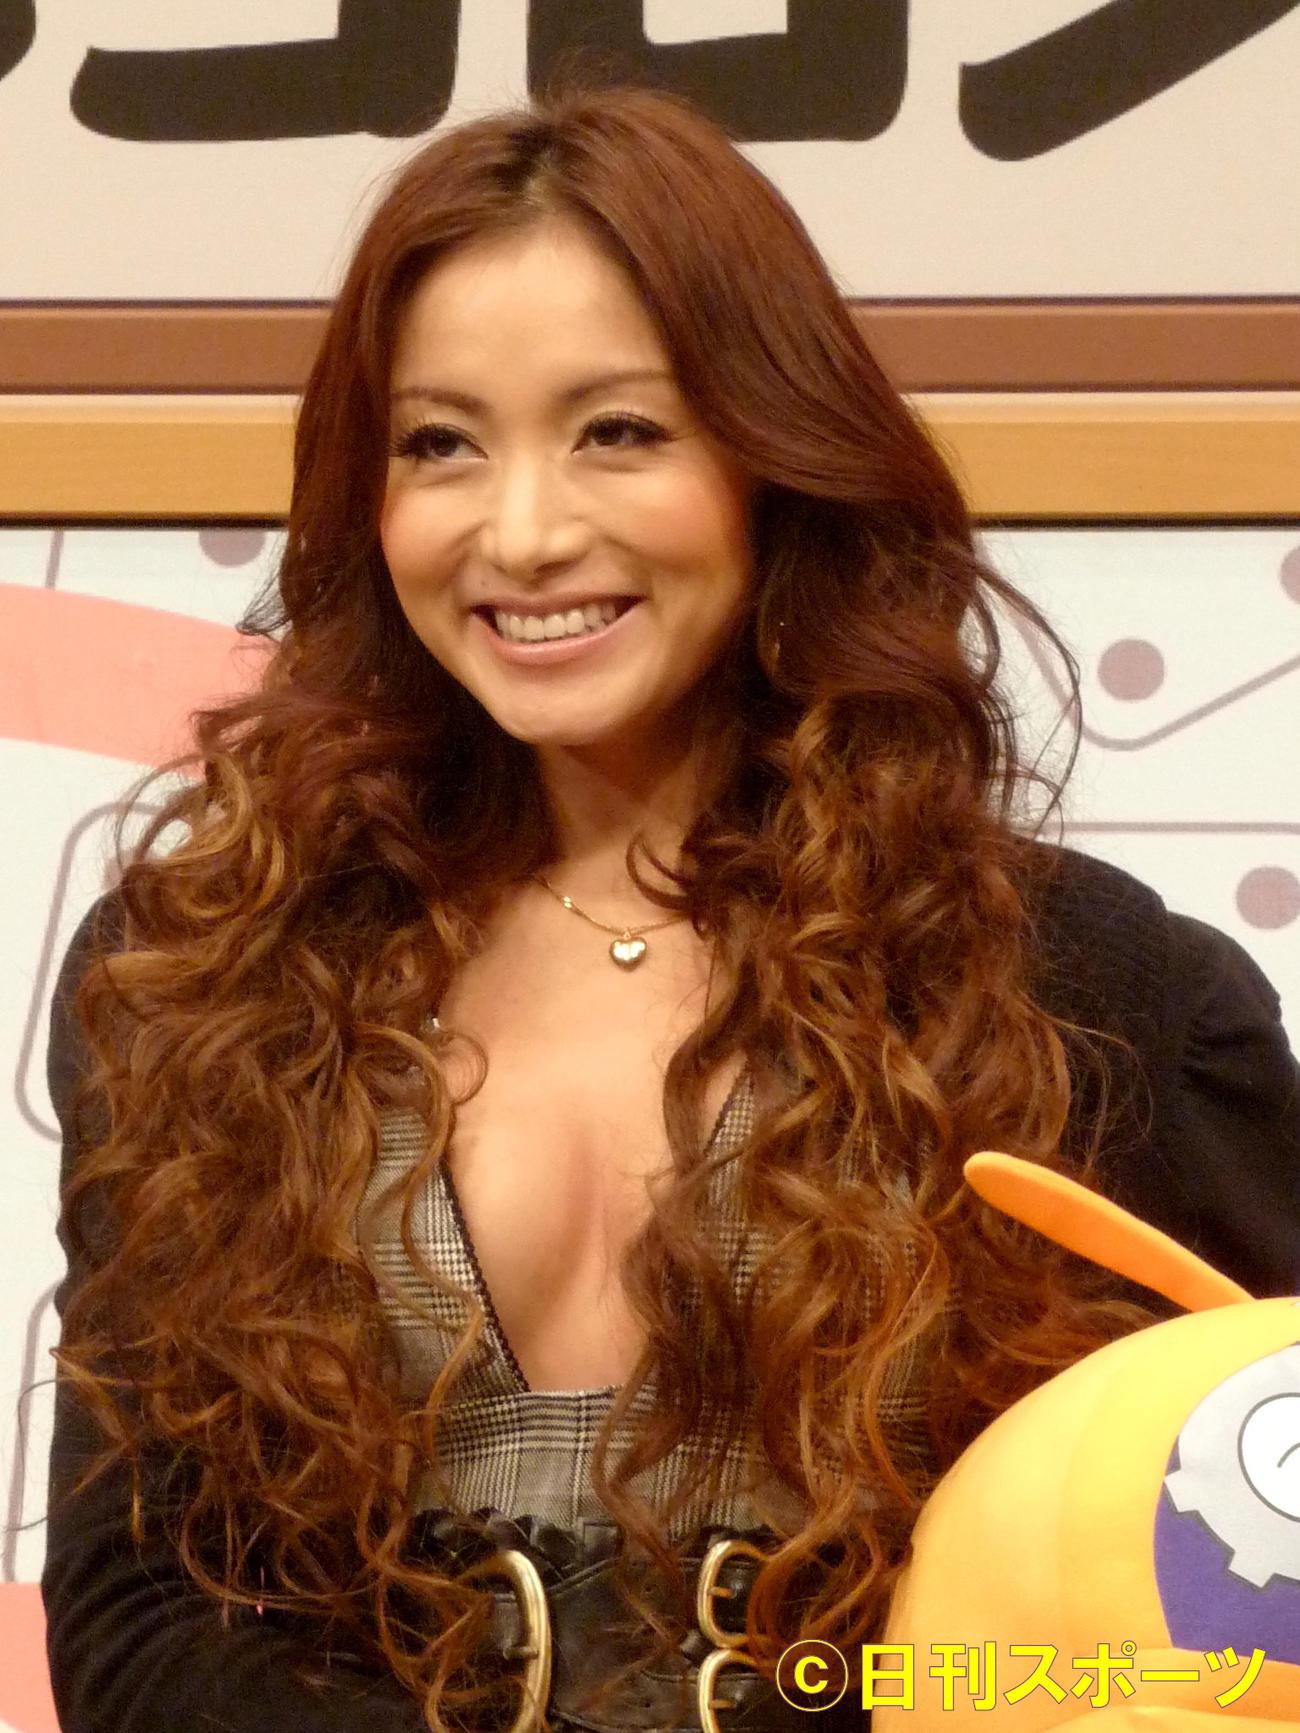 声優たかはし智秋(2010年10月7日撮影)